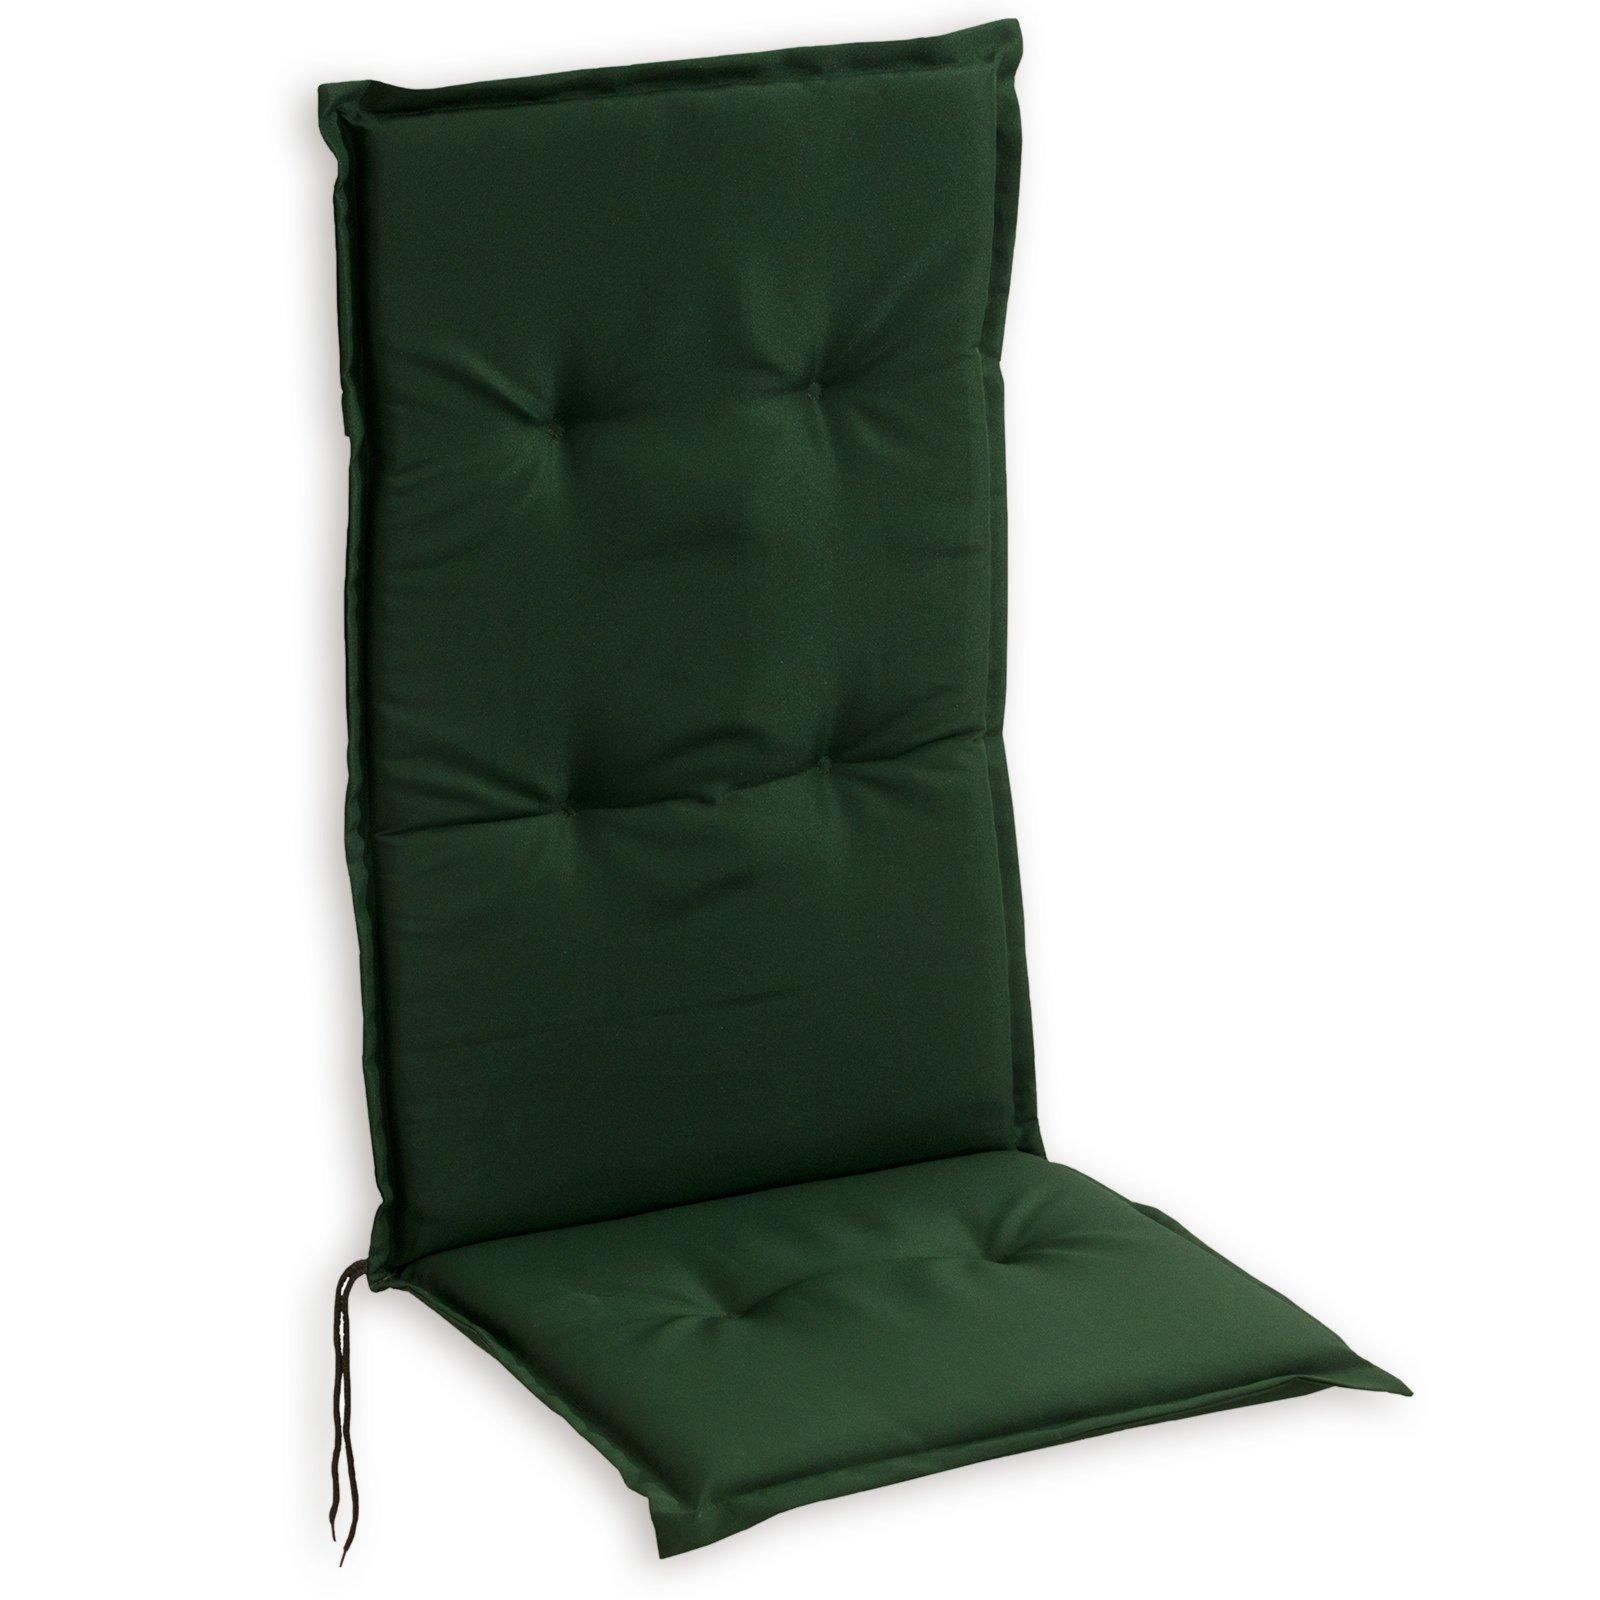 sitzauflage hochlehner woody gr n 48x115 cm auflagen f r gartenm bel garten balkon. Black Bedroom Furniture Sets. Home Design Ideas